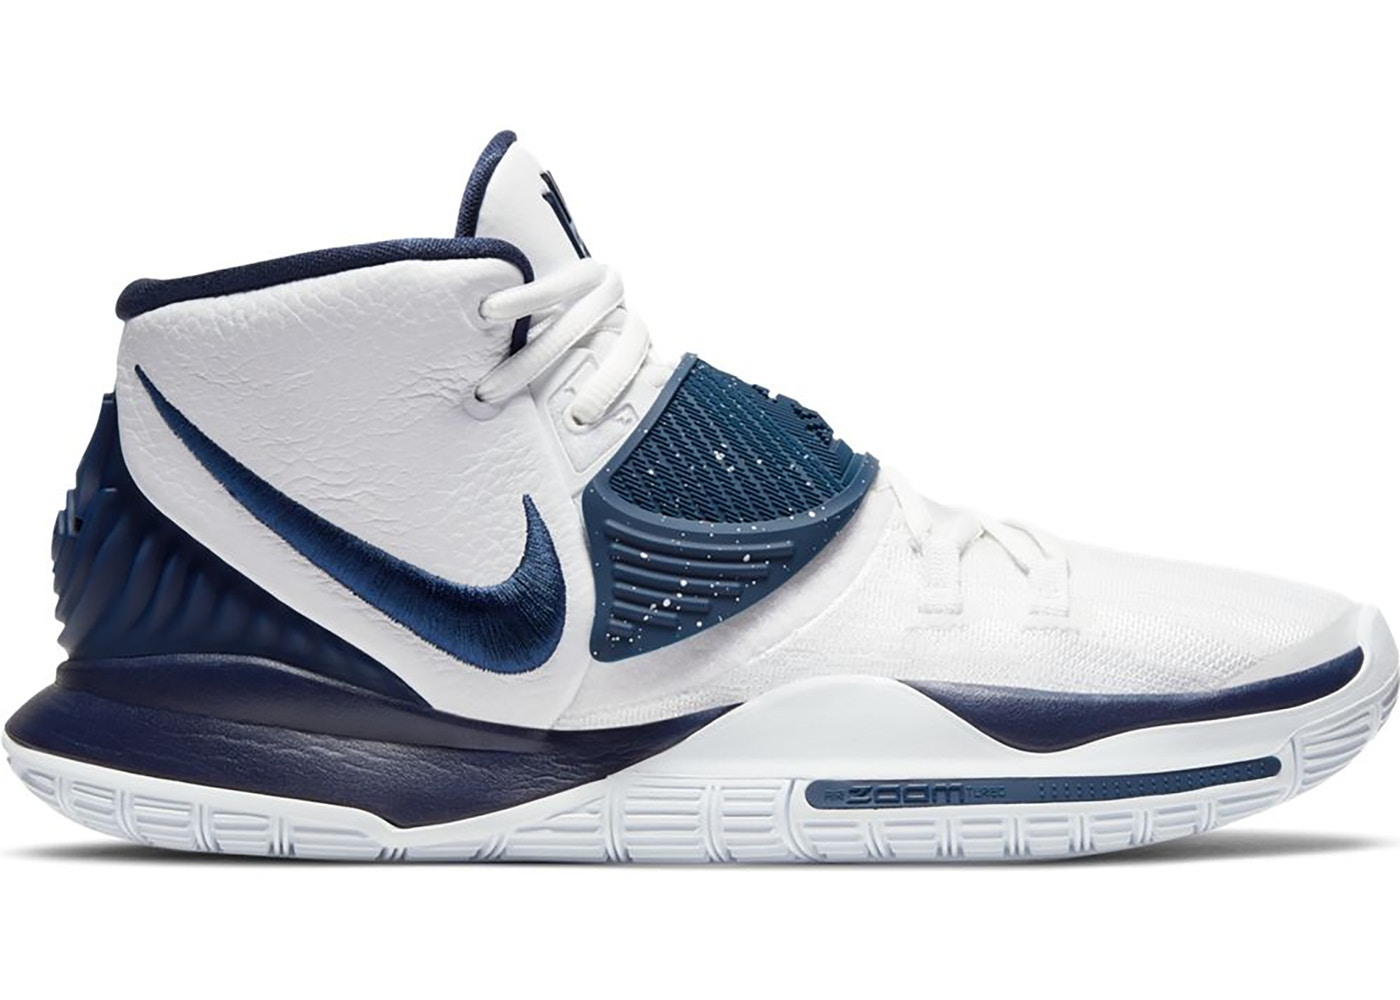 Nike Kyrie 6 Team White Midnight Navy